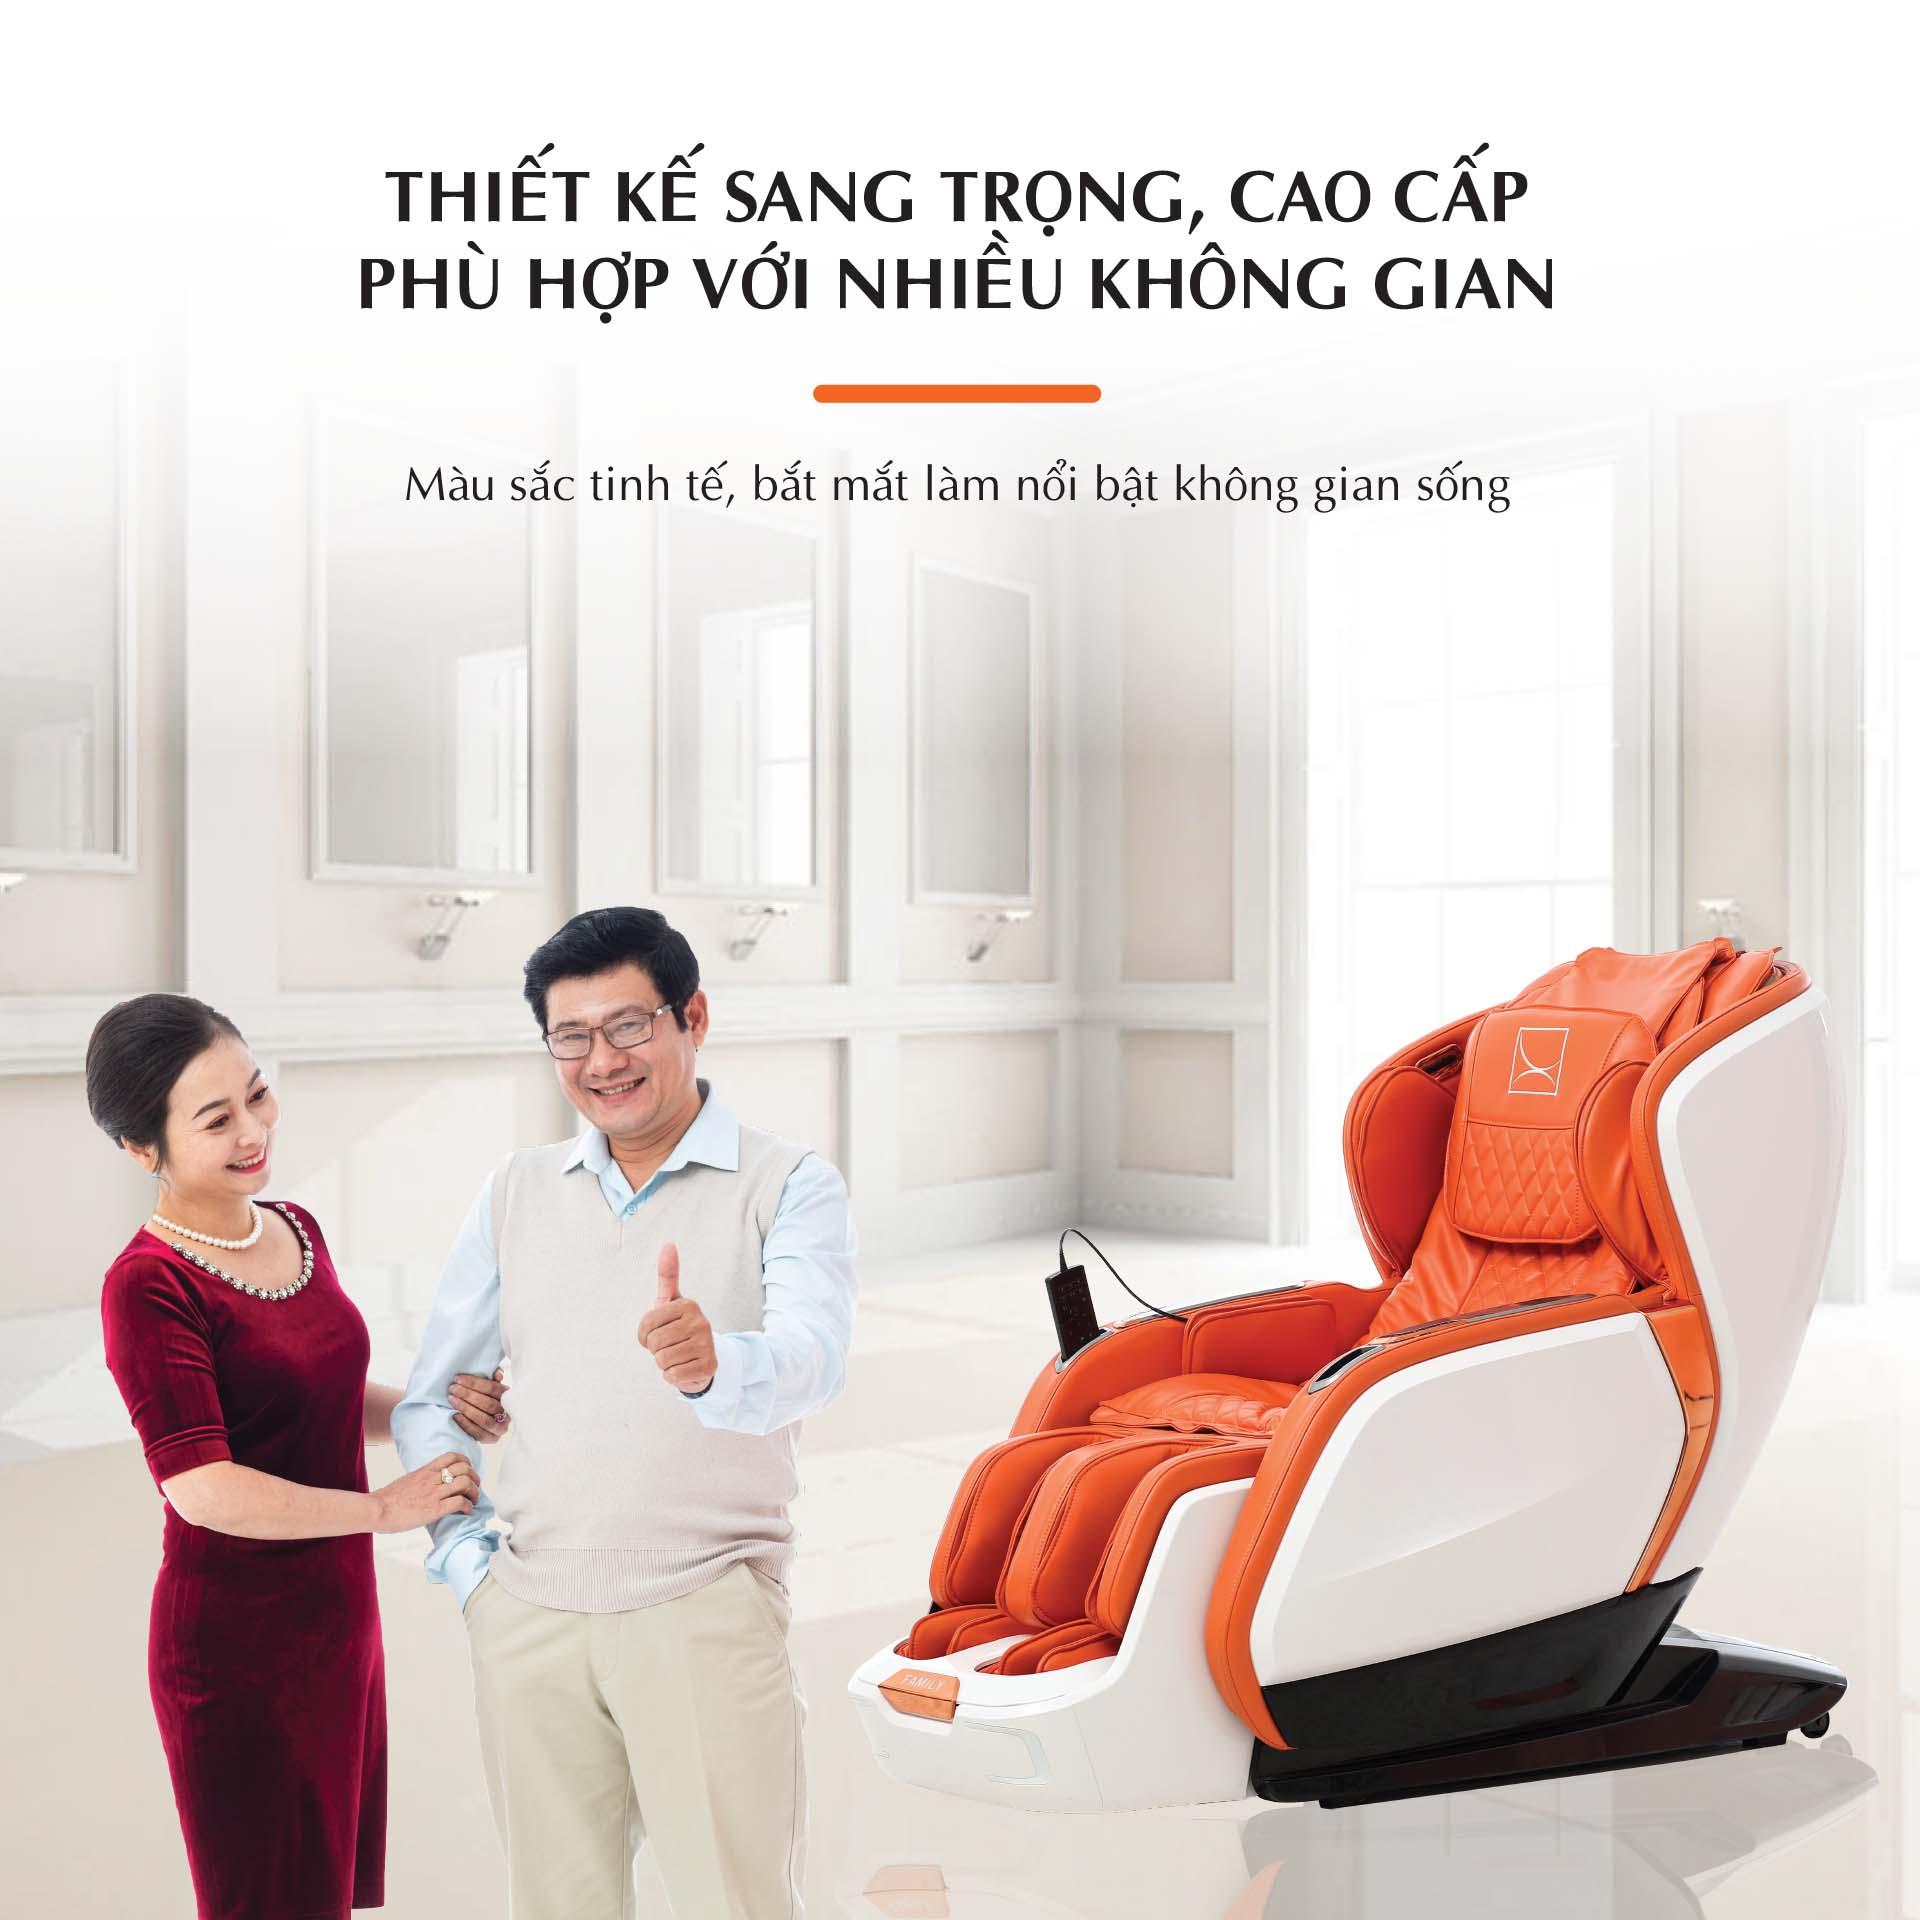 Ghế massage toàn thân giá rẻ có nên mua hay không?